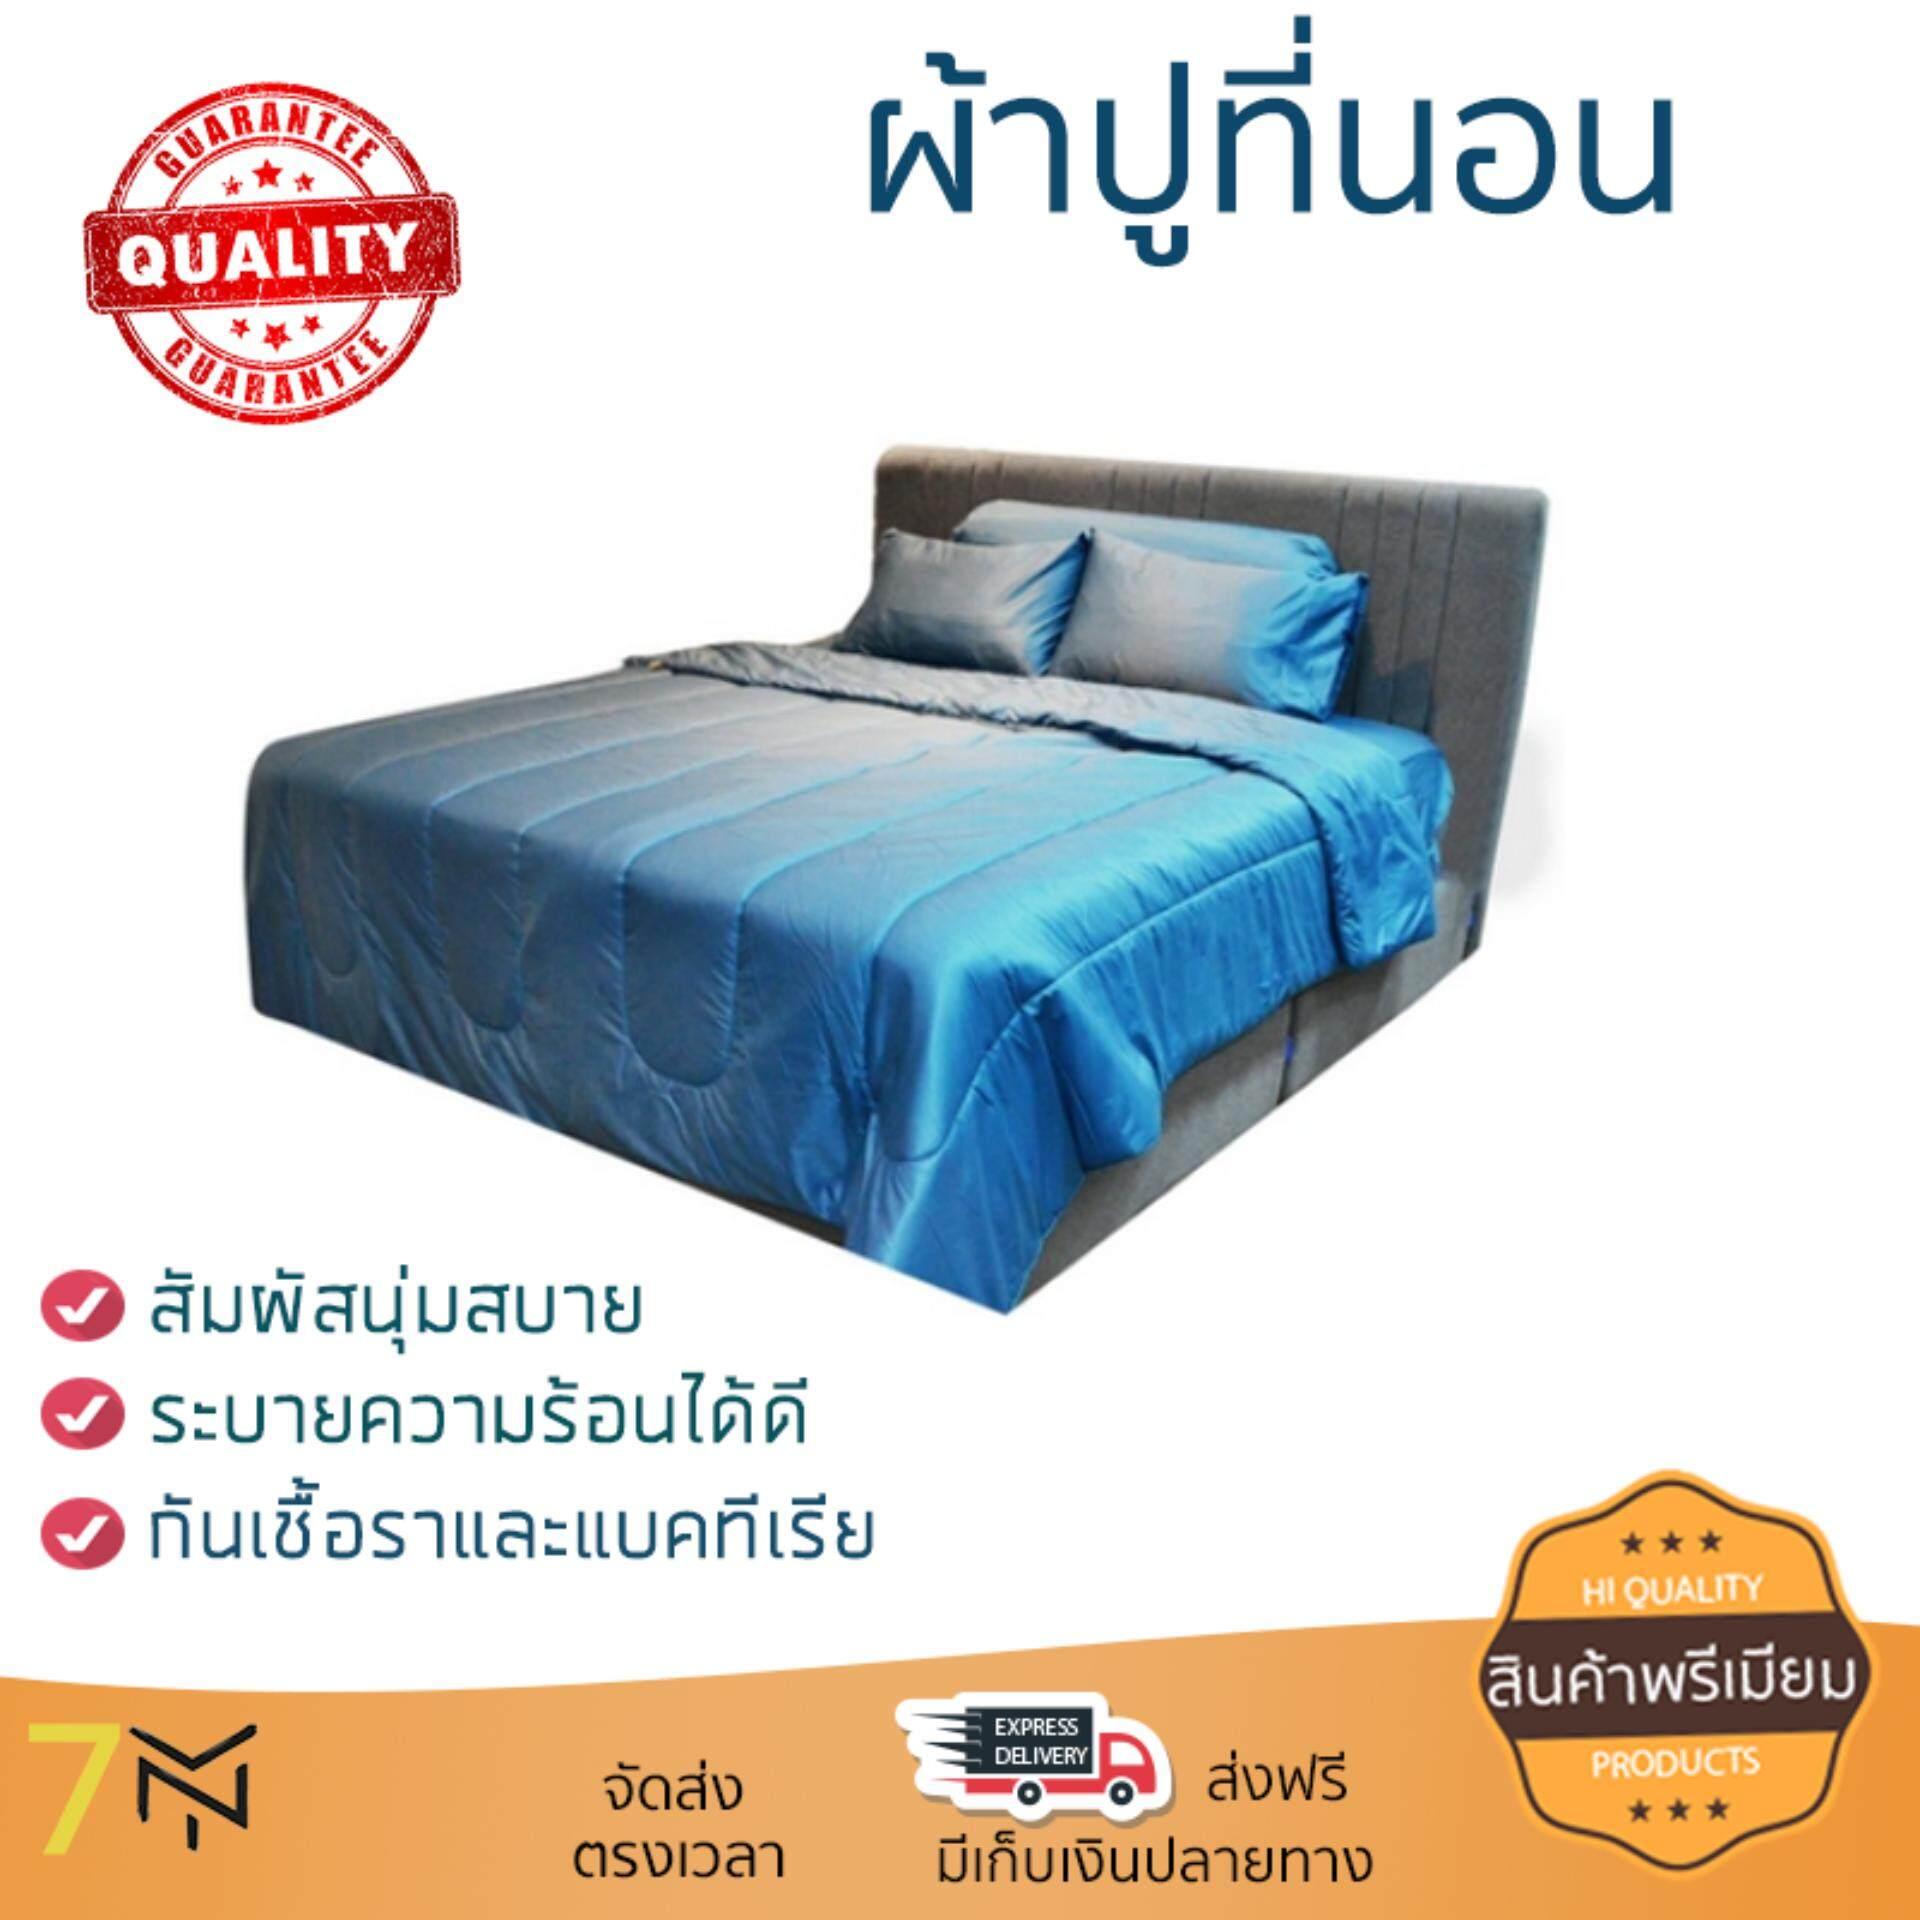 ขายดีมาก! ผ้าปูที่นอน ผ้าปูที่นอนกันไรฝุ่น ผ้าปู Q5 HOME LIVING STYLE 375TC SHIN NAVY | HOME LIVING STYLE | ผ้าปูQ5HLS375TC SHIN N สัมผัสนุ่ม นอนหลับสบาย เส้นใยทอพิเศษ ระบายความร้อนได้ดี กันเชื้อราและแบคทีเรีย Bed Sheet Set จัดส่งฟรี Kerry ทั่วประเทศ